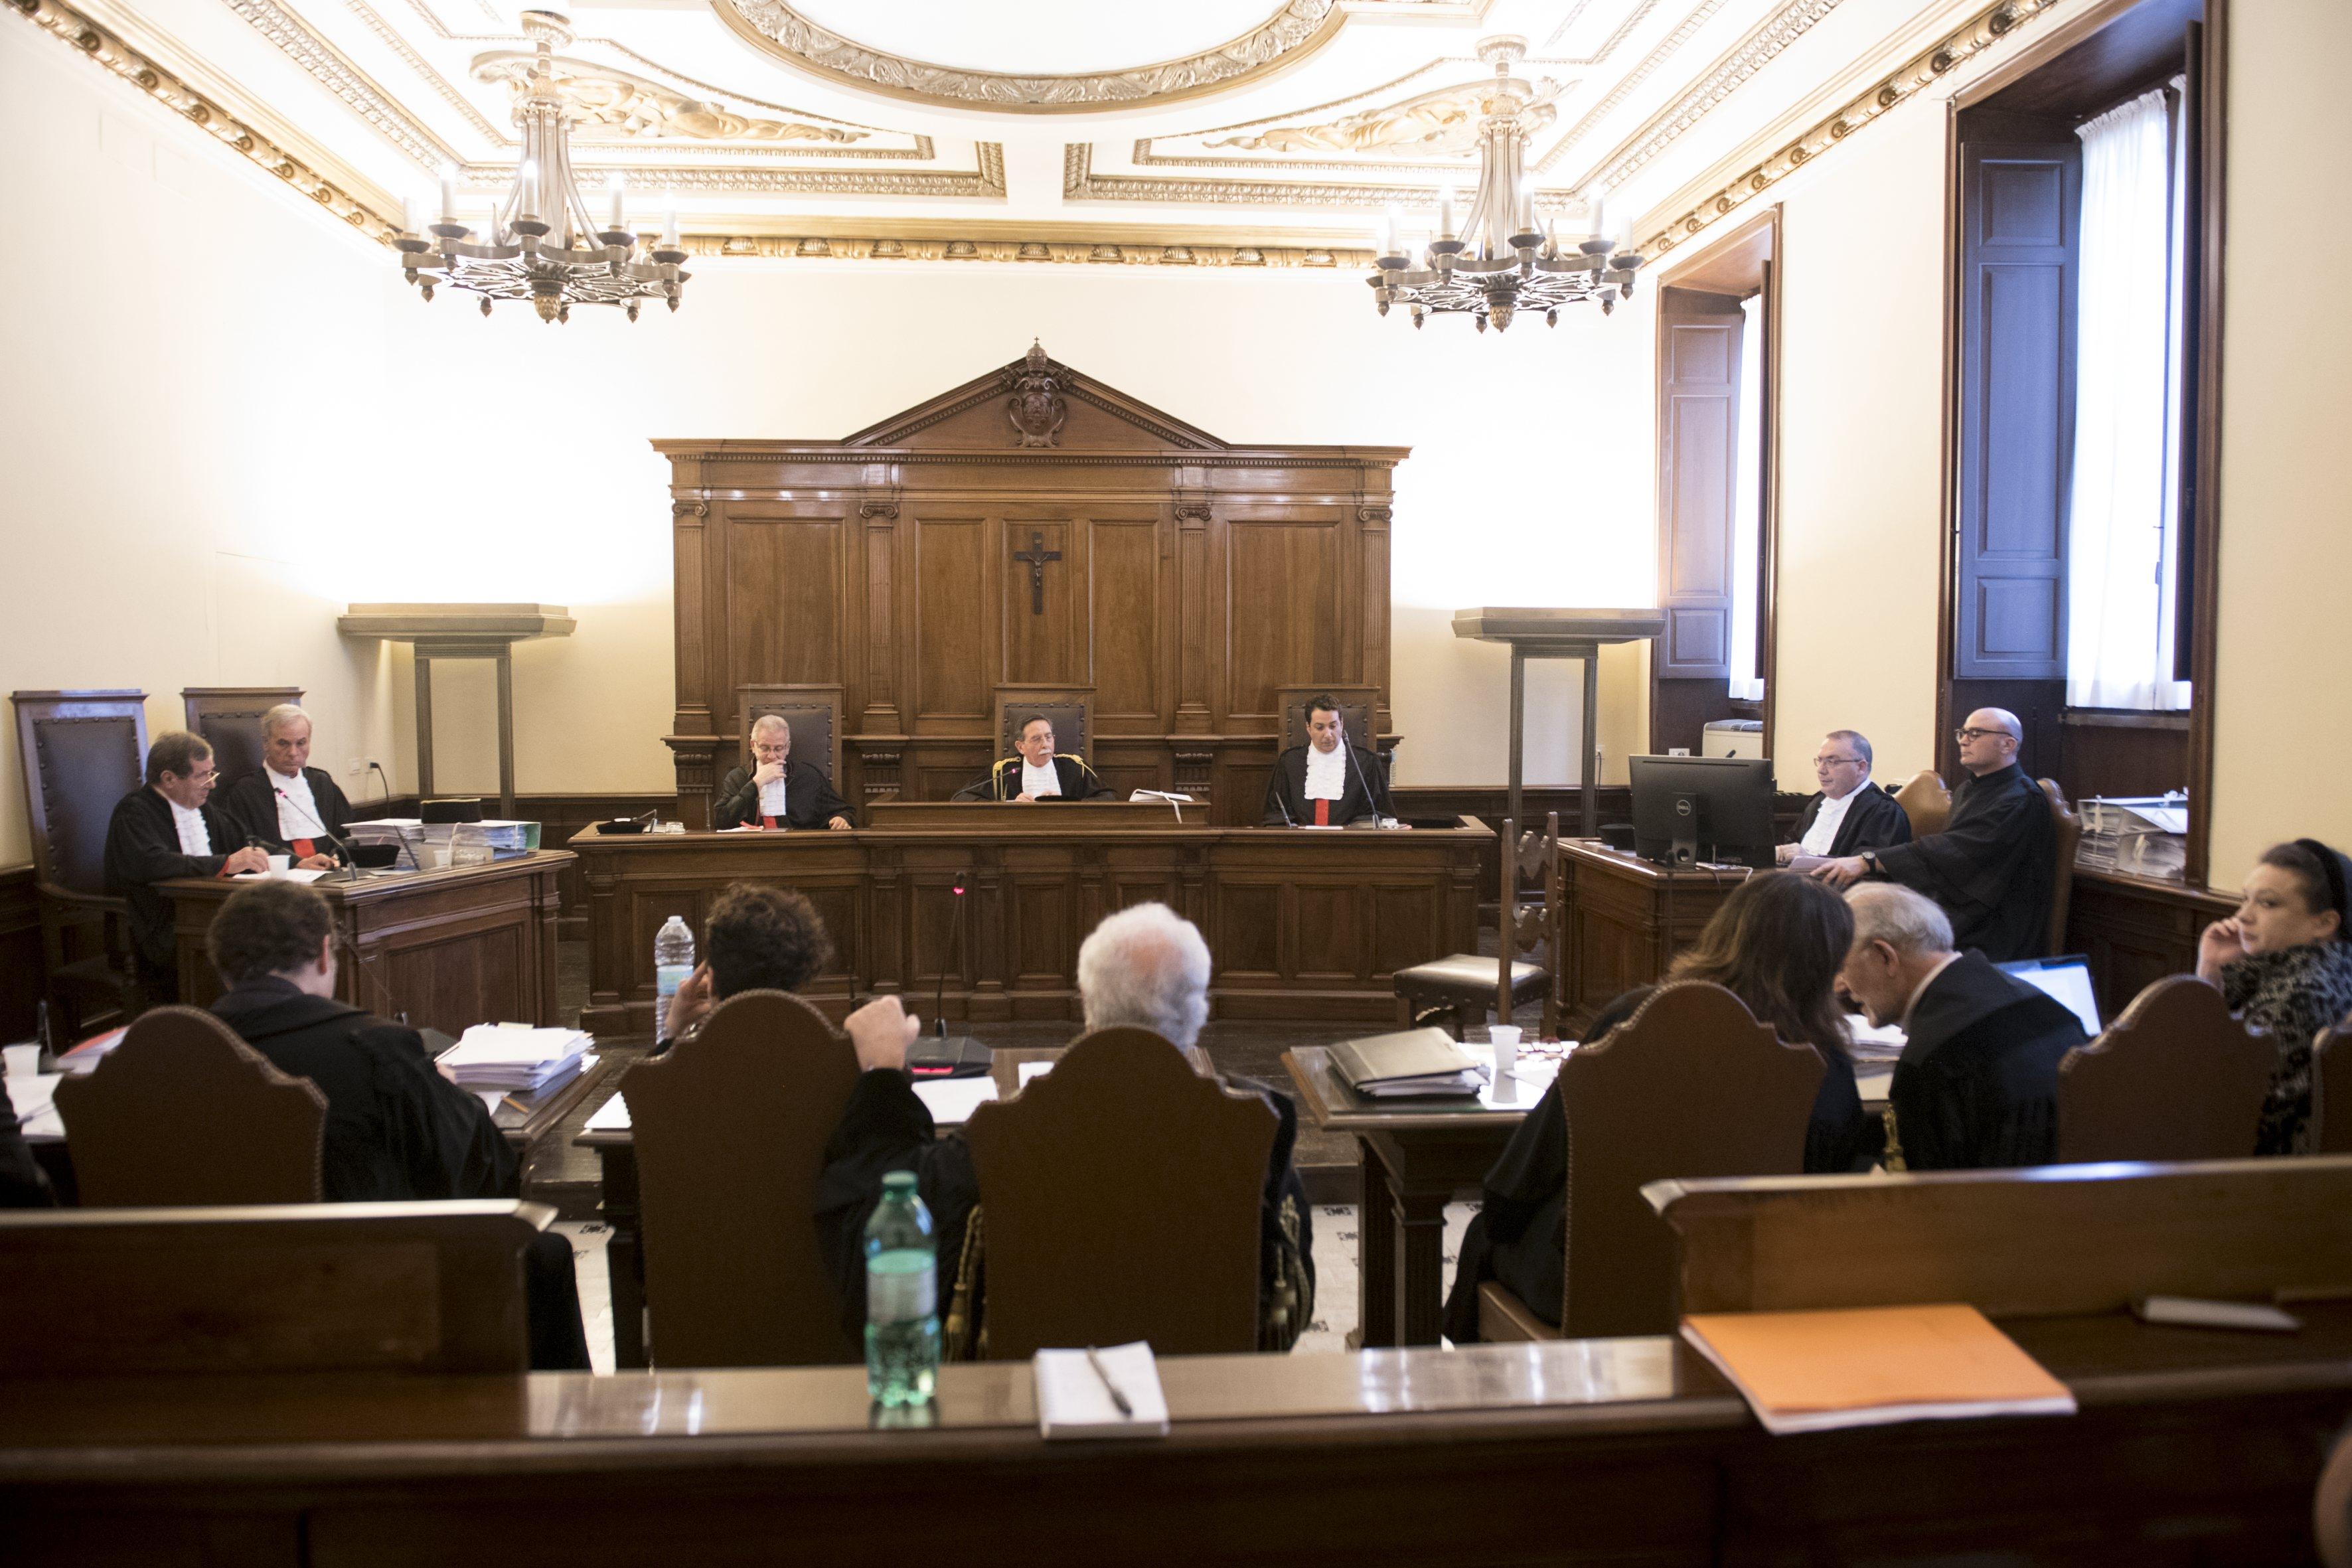 Procès de Caiola et Liuzzo 09/05/2018 © Vatican Media